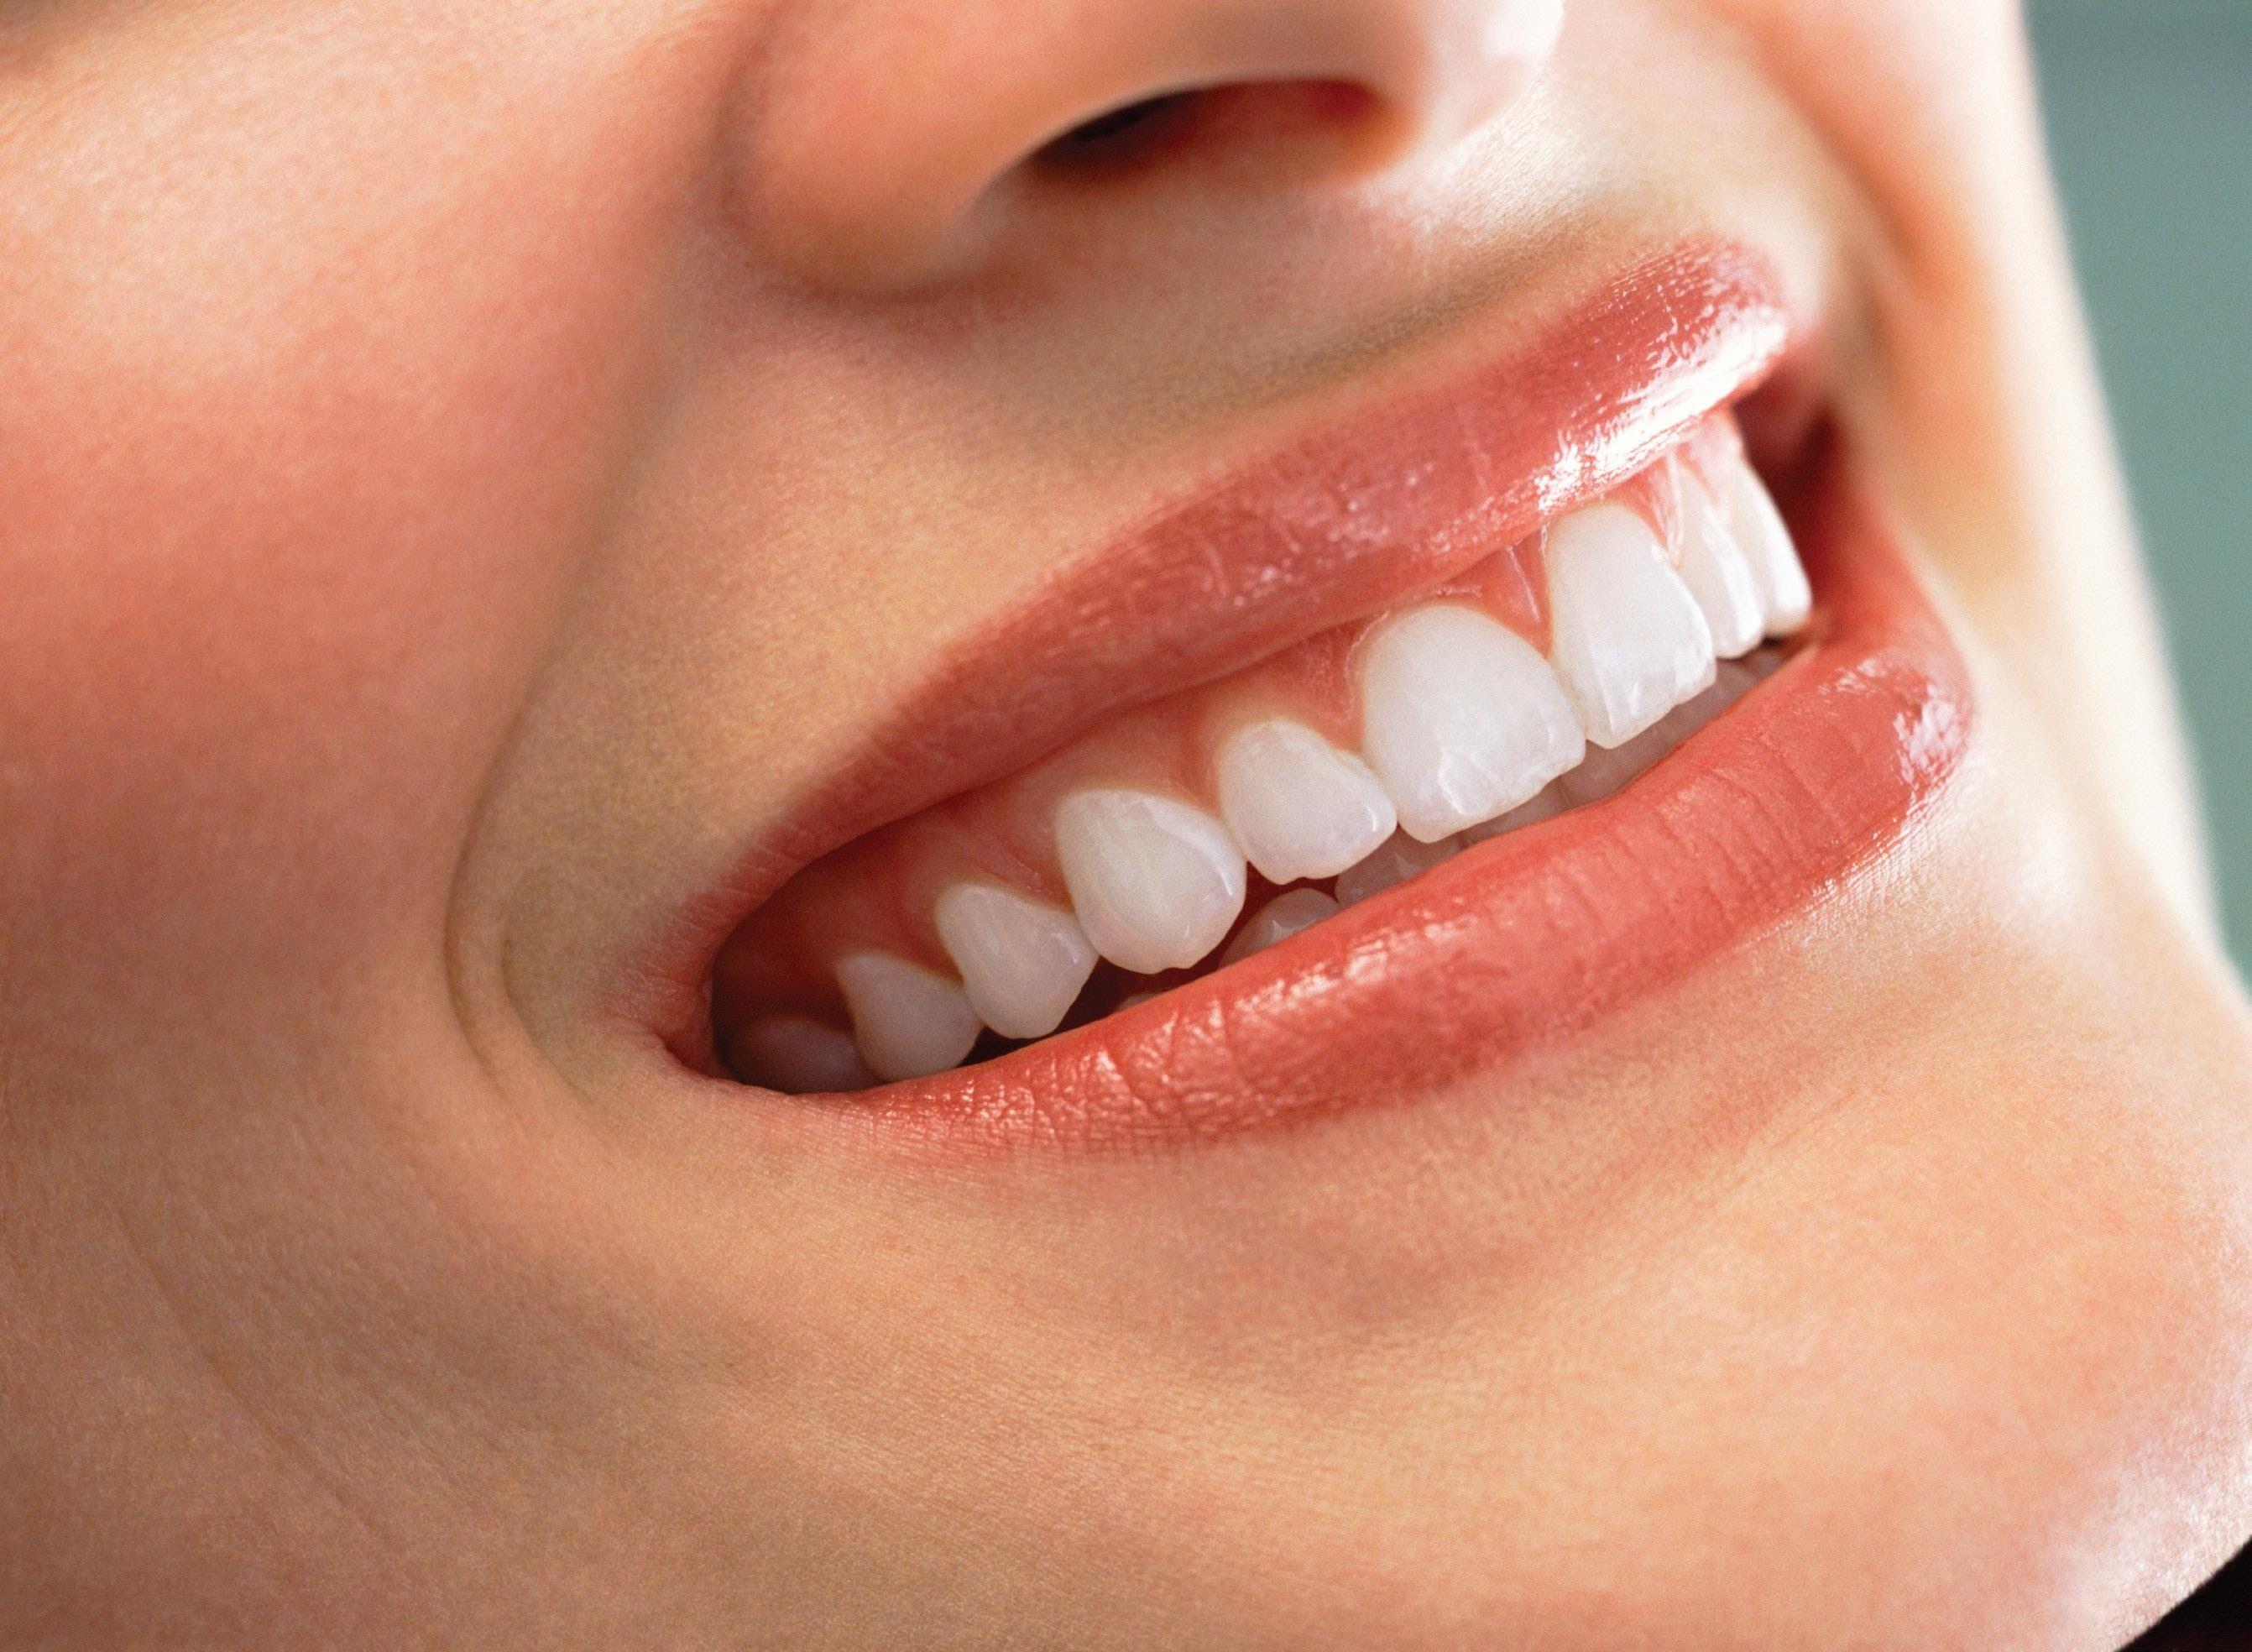 Clareamento Dental Caseiro Como Fazer Aprenda Clarear Os Dentes Com